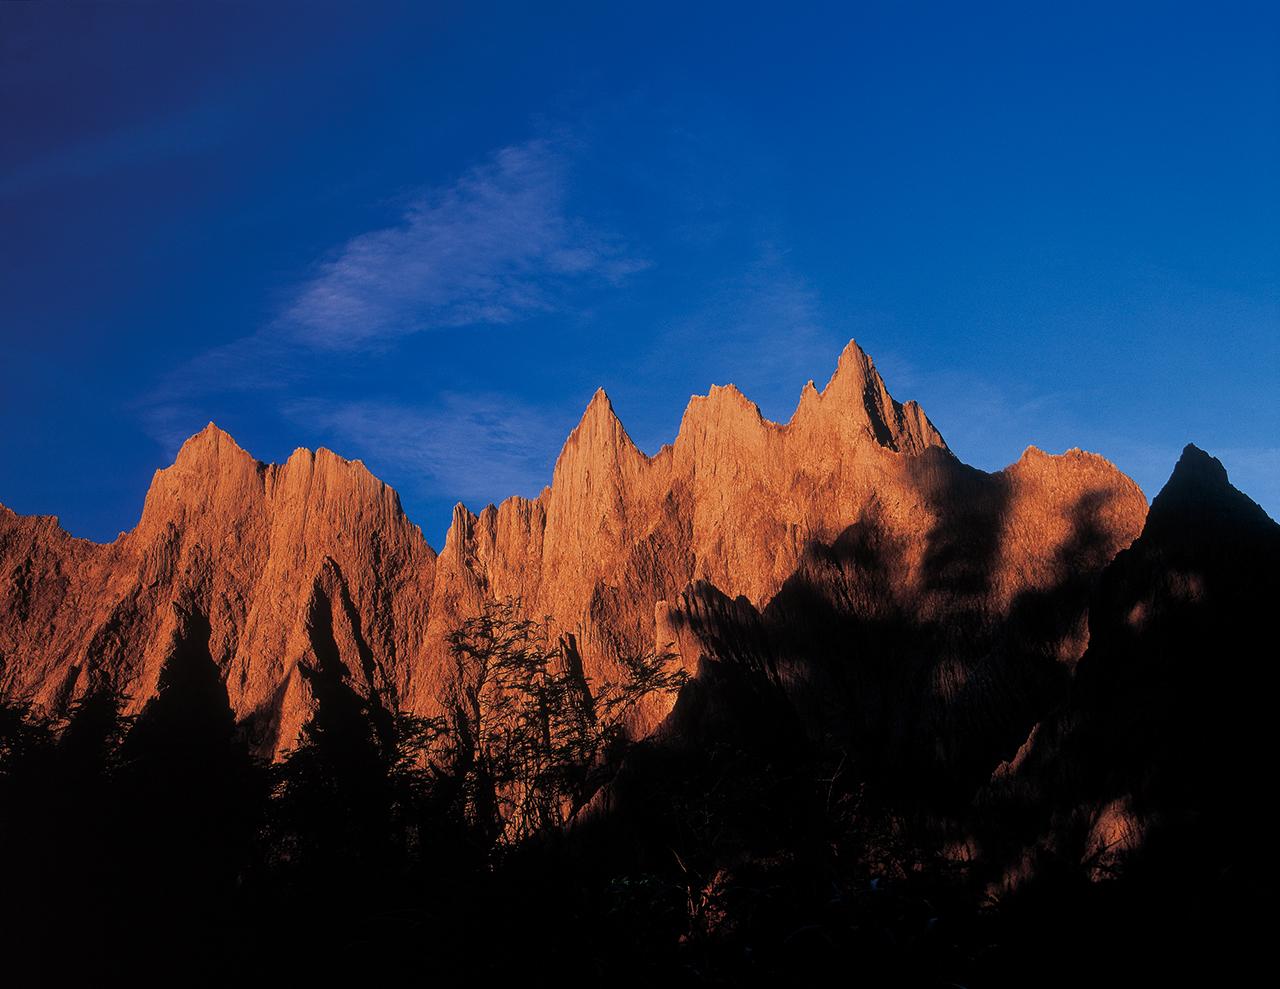 草山月世界 西拉雅国家风景区 西拉雅国家风景区位於嘉南平原东部高山